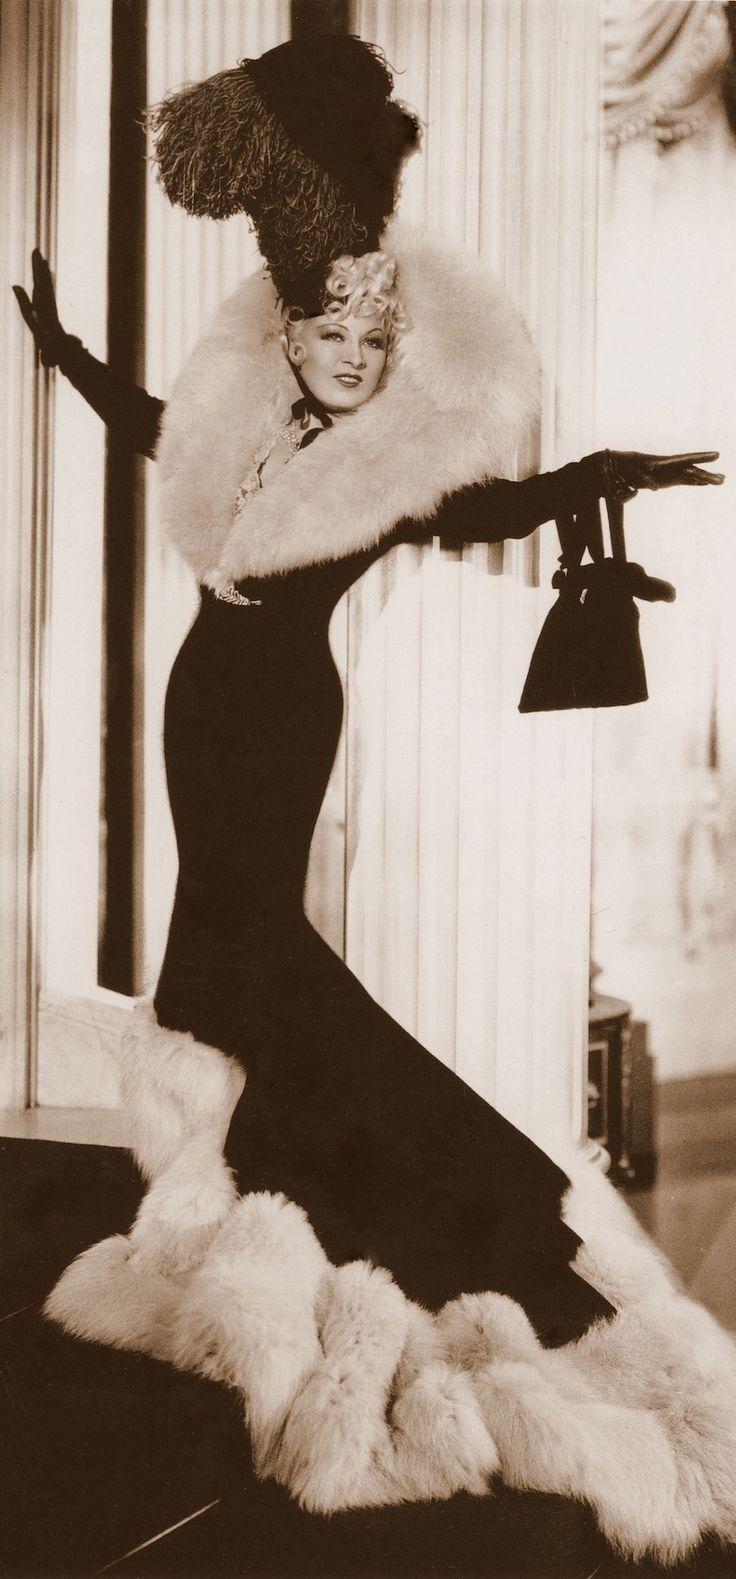 Mae West elsa schiaparelli - Google-Suche